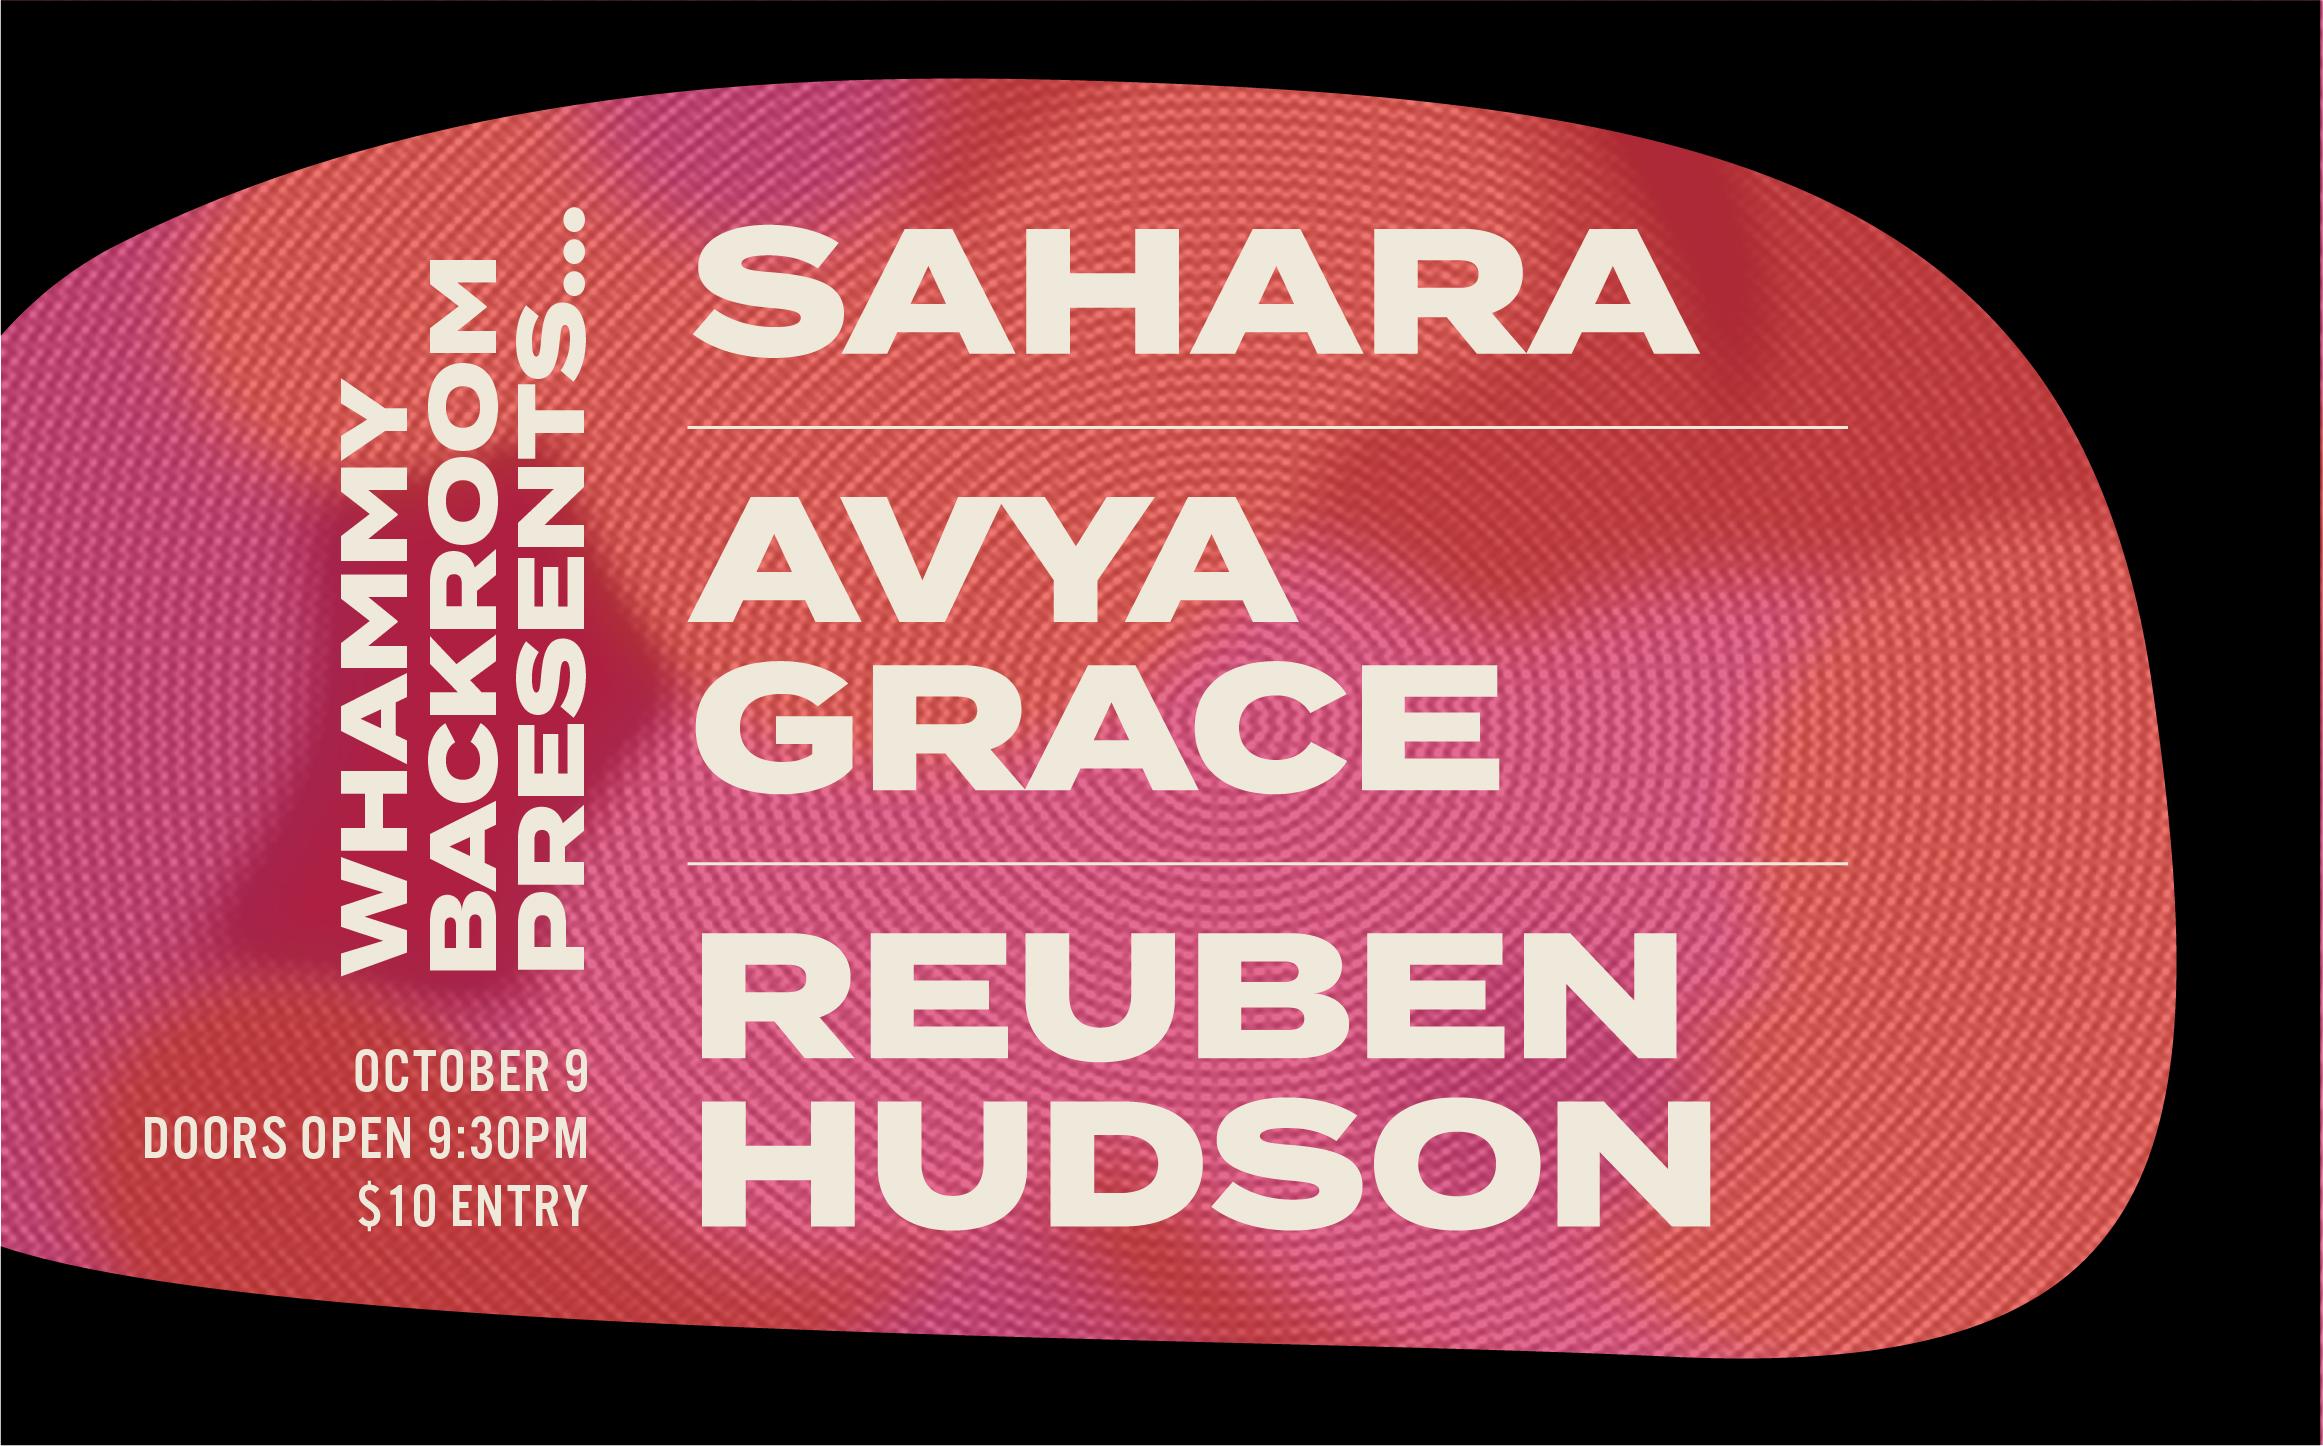 Sahara, Avya Grace, Reuben Hudson